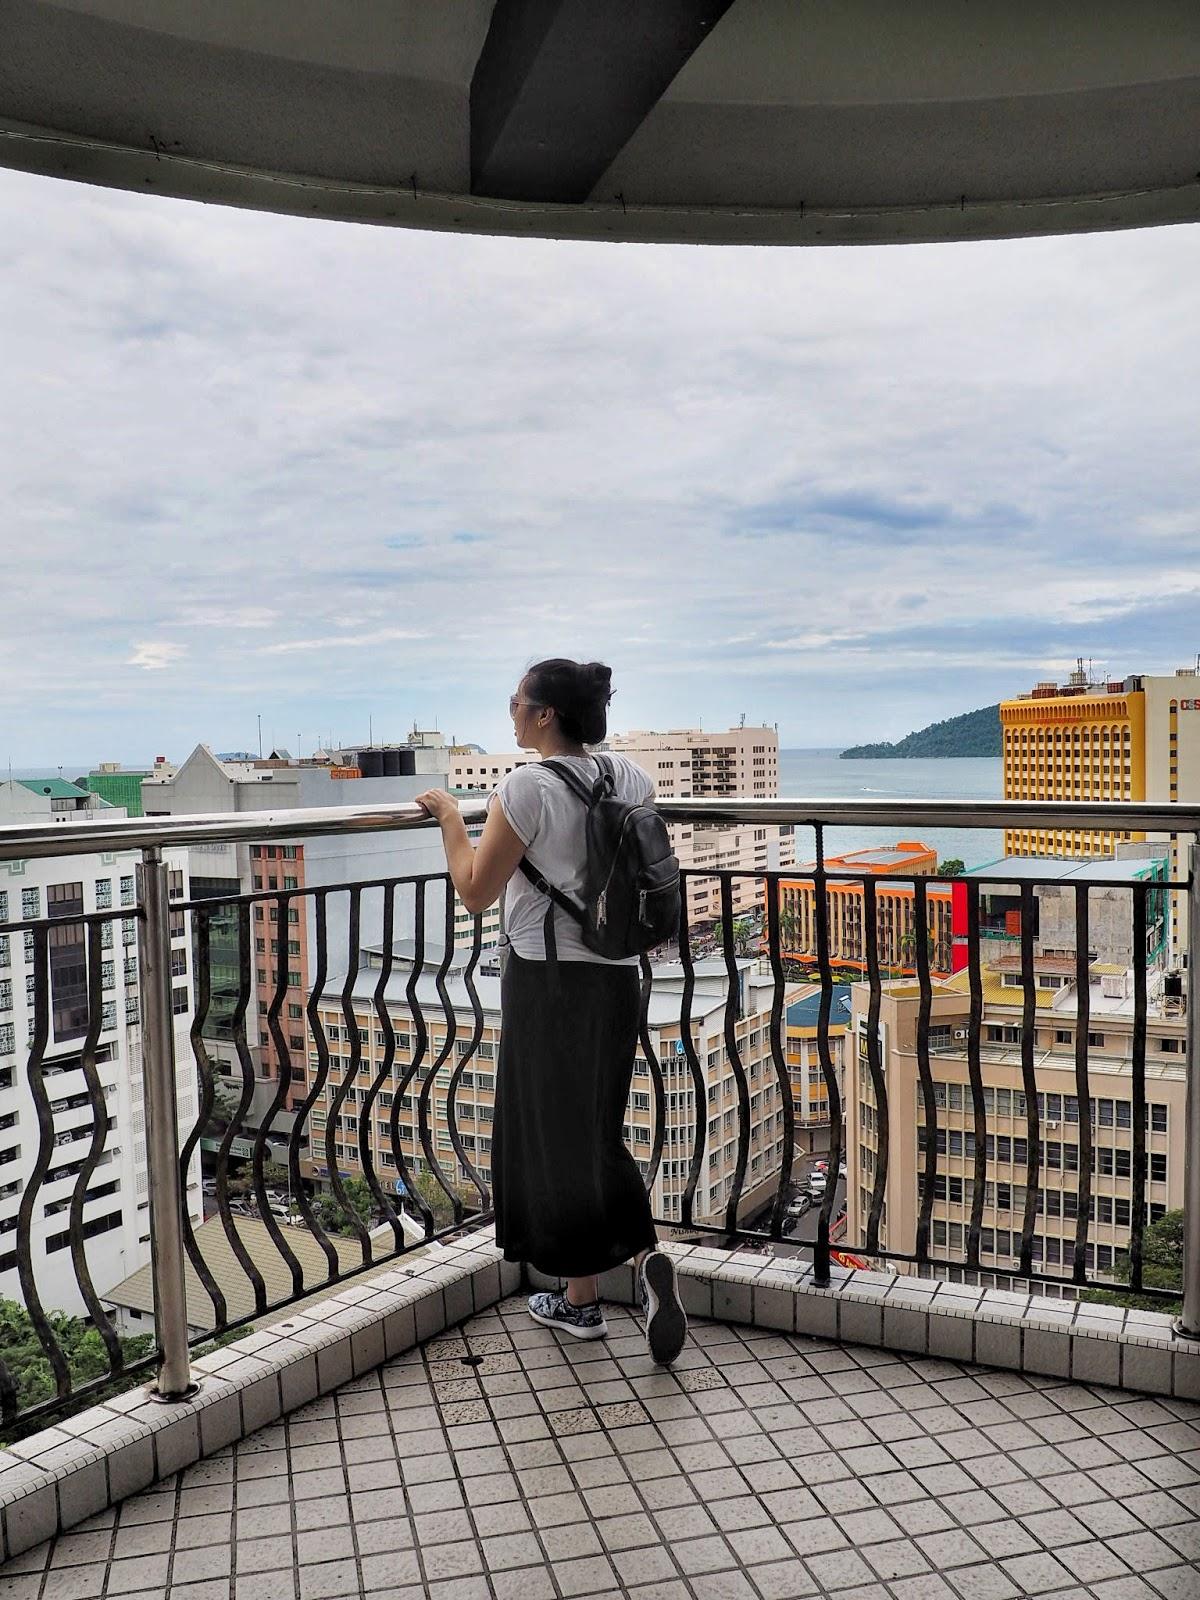 Kota Kinabalu Gaya Street Malaysia City sabah borneo